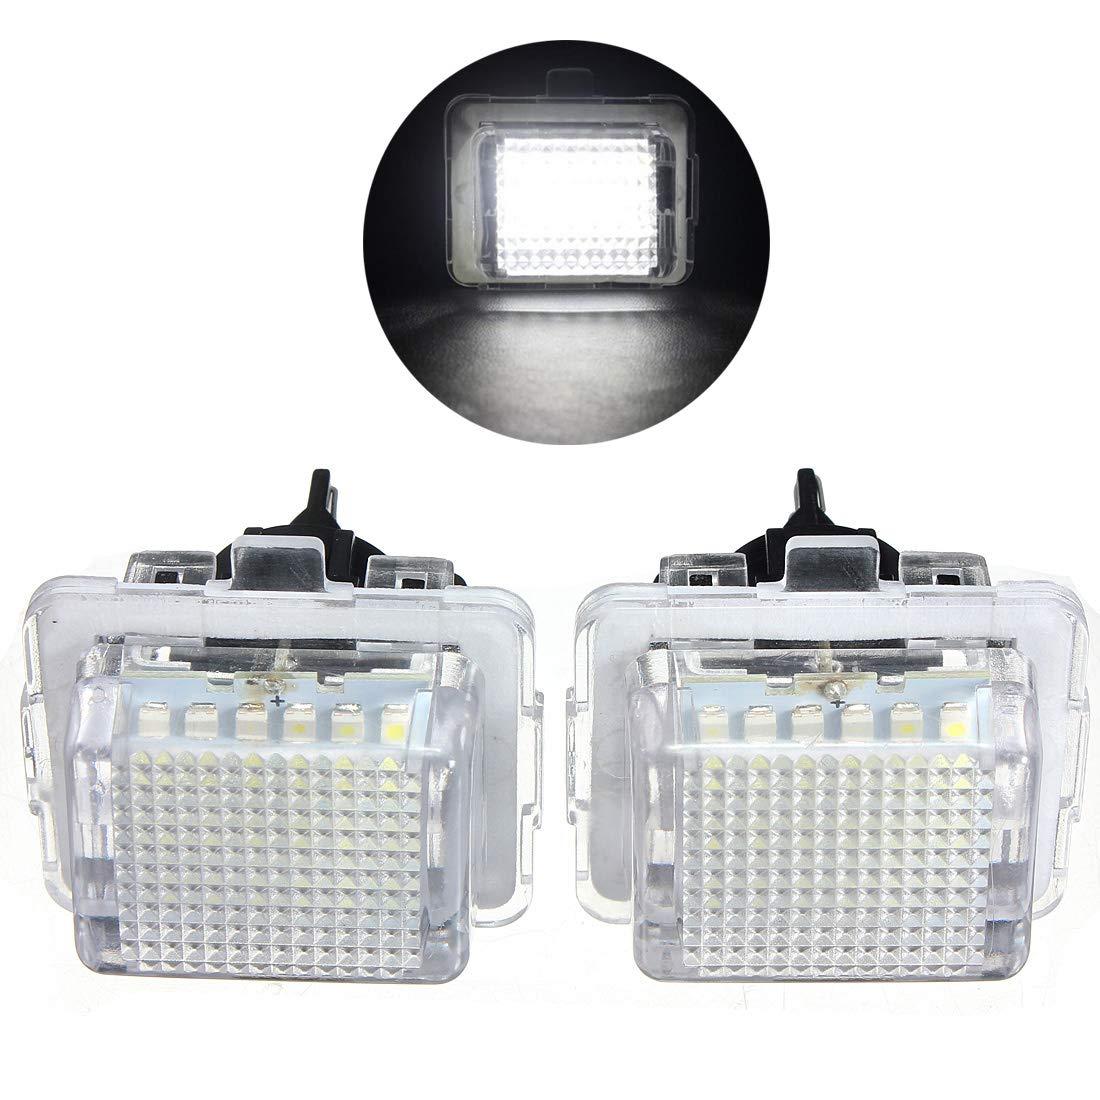 VIGORFLYRUN PARTS LTD 2Pcs LED Lumi/ère de Plaque dimmatriculation Canbus sans Erreur Blanc 6000K 18SMD LED Lumi/ère pour W204 W221 W212 W216